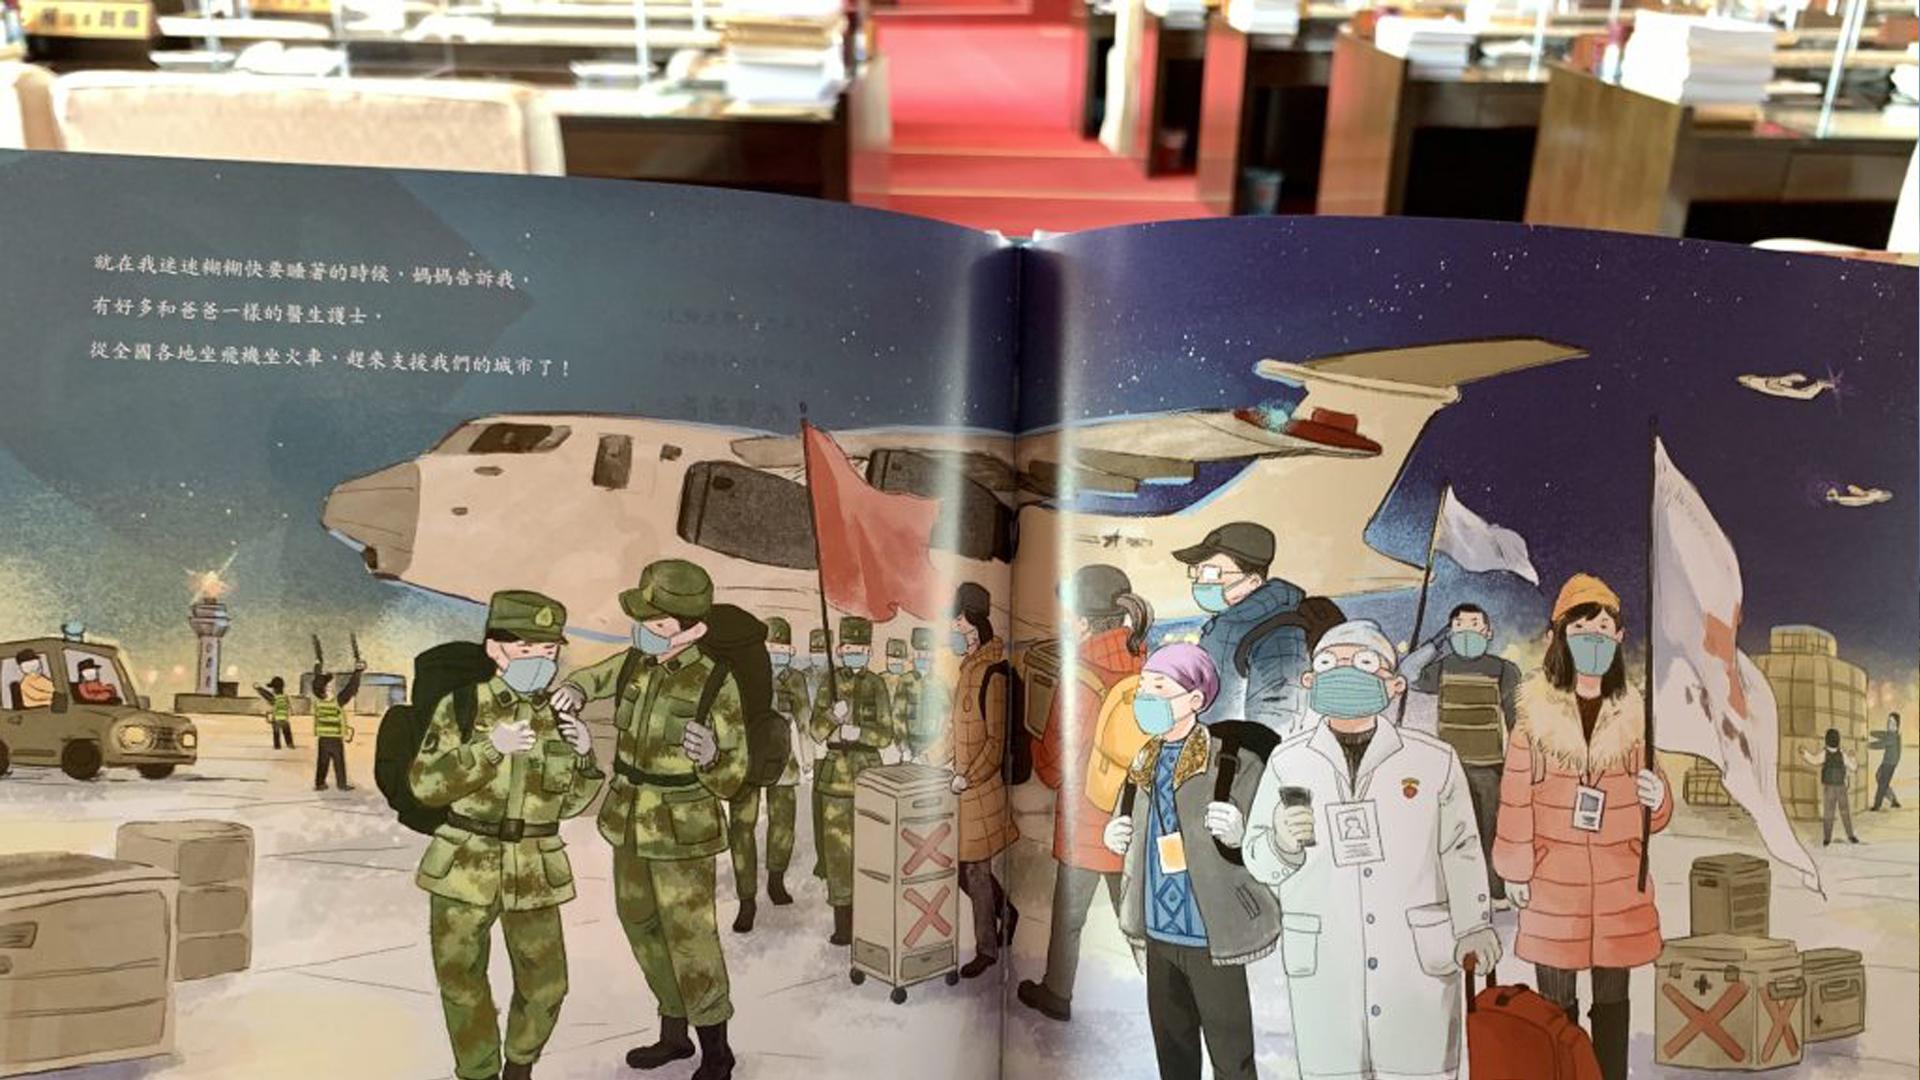 """臺北圖書館下架大陸抗疫兒童書,""""反中""""反到失智?圖片"""